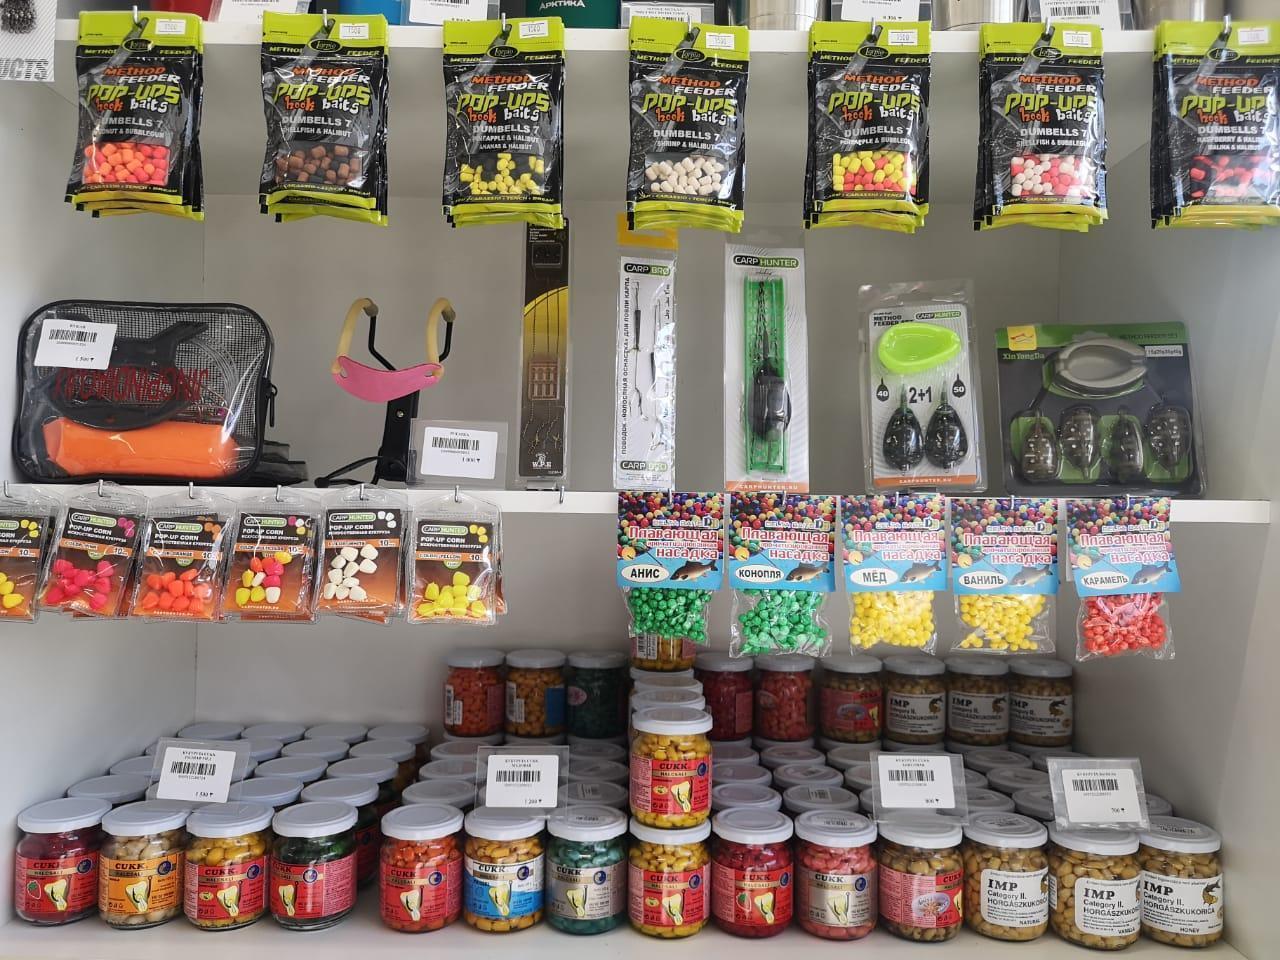 Корма и прикормка, товары для рыбалки - фото 1